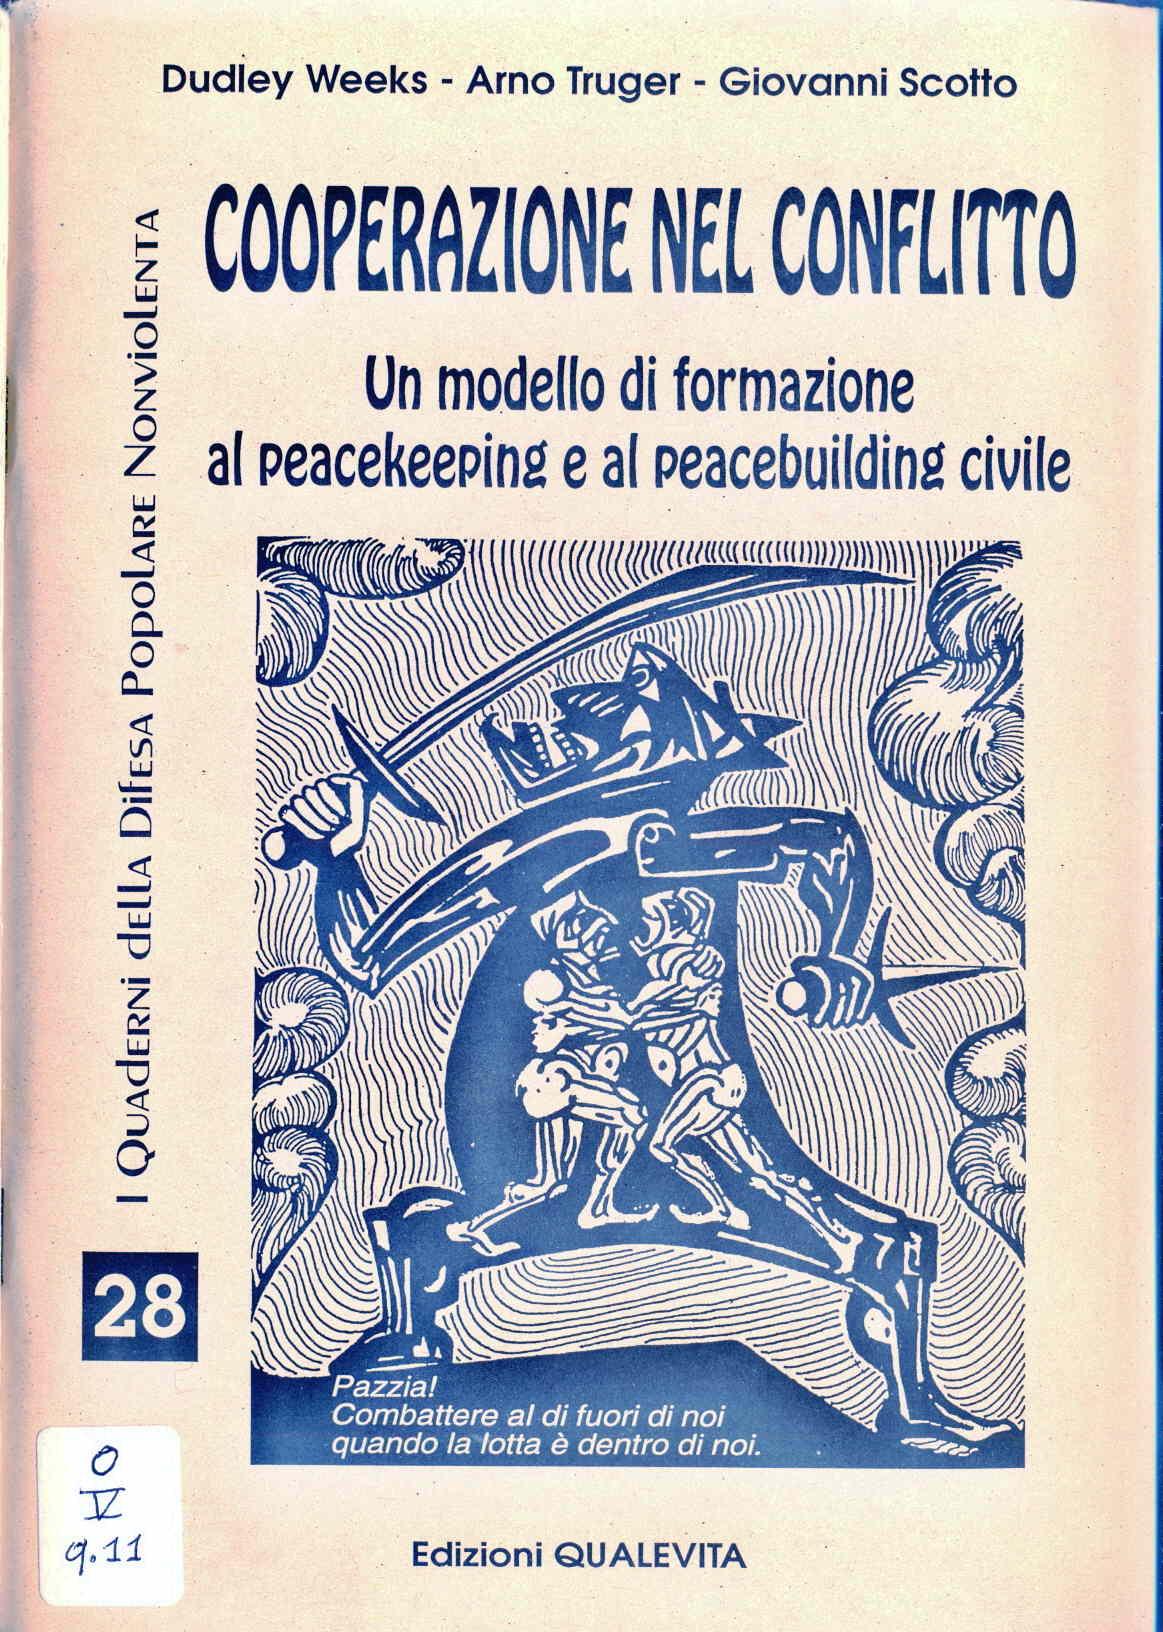 Cooperazione nel conflitto